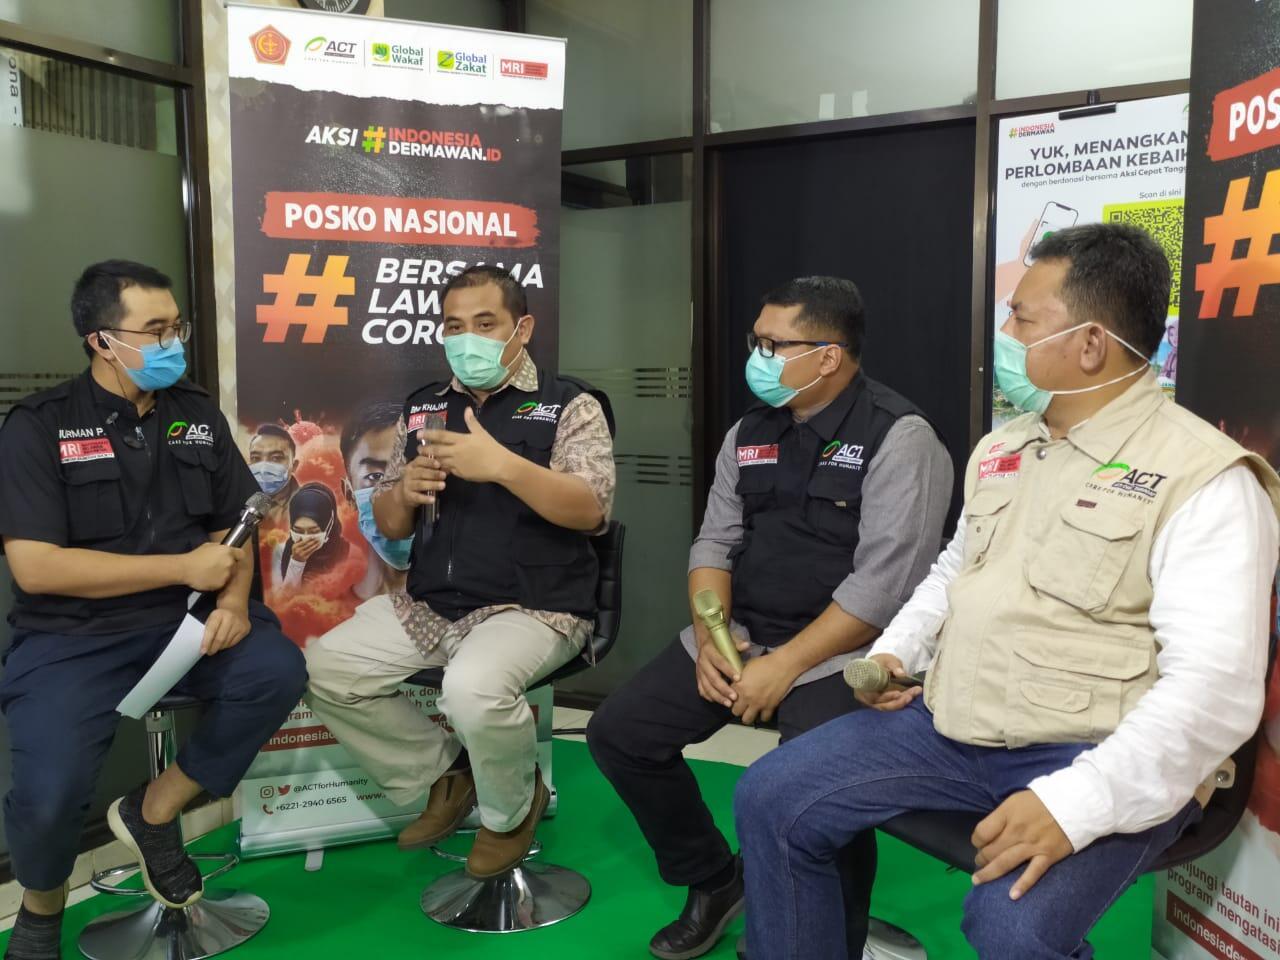 Aksi Nyata untuk Masyarakat Indonesia melalui Posko Nasional Bersama Lawan Corona